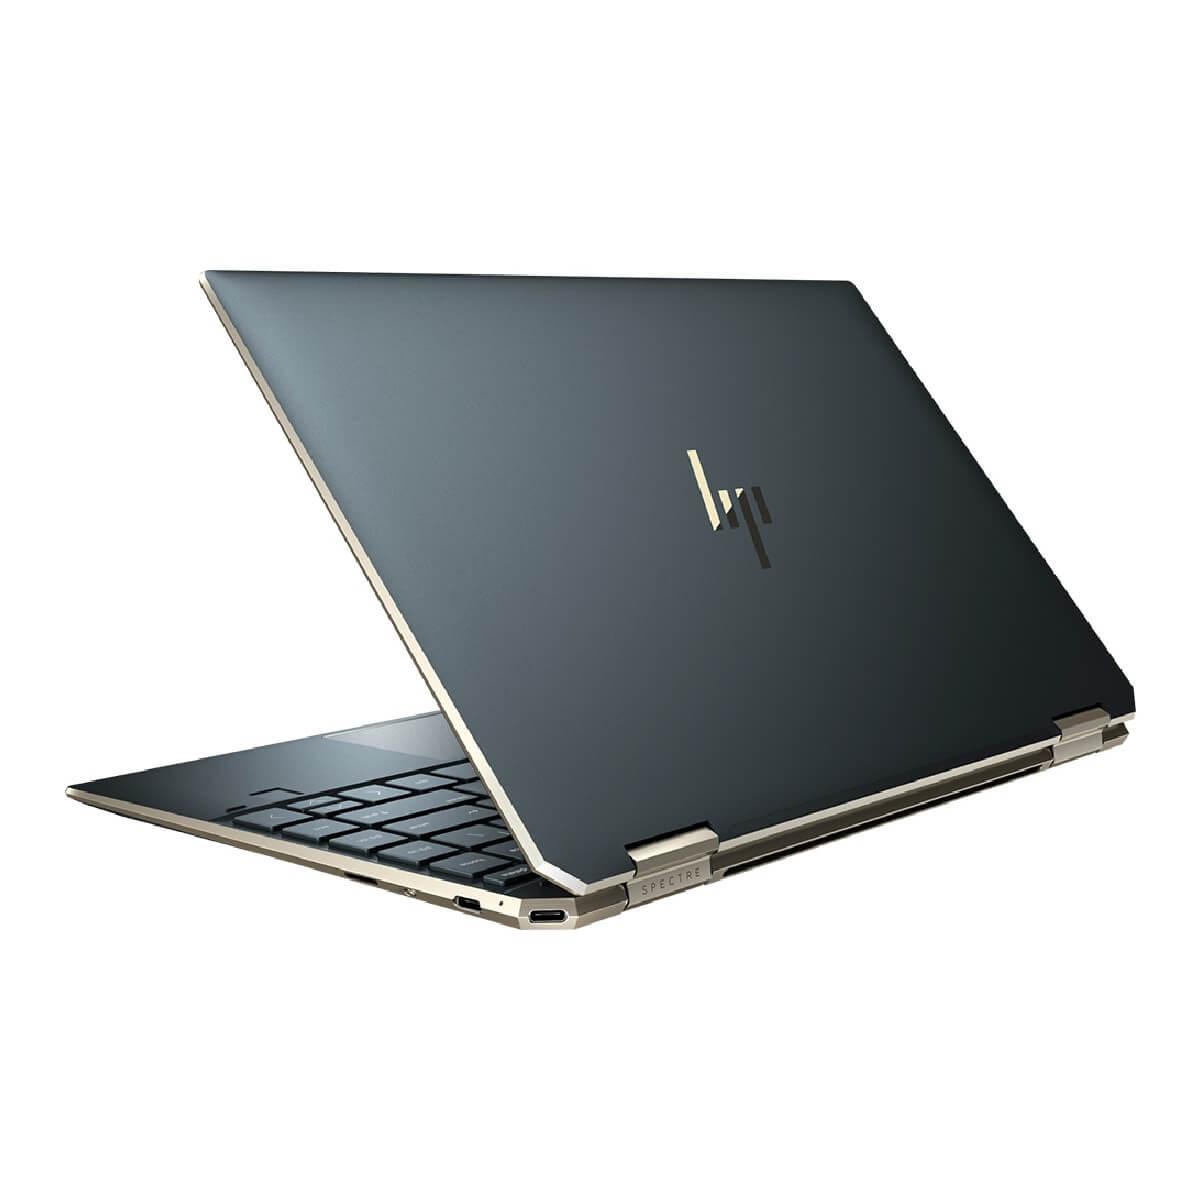 מחשב נייד HP Spectre x360 13-aw2000nj